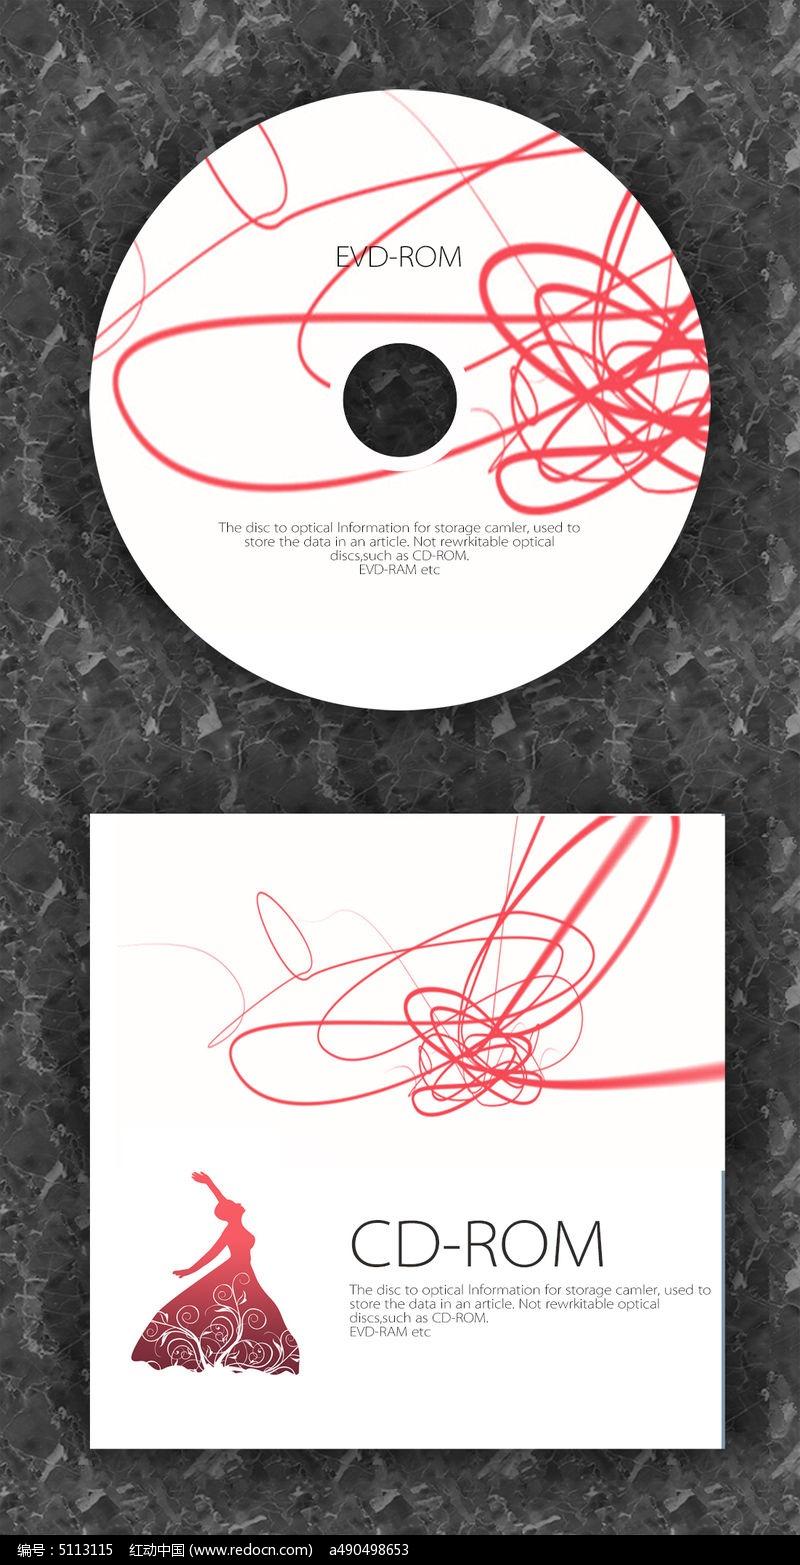 红线舞蹈音乐时尚cd光盘设计图片